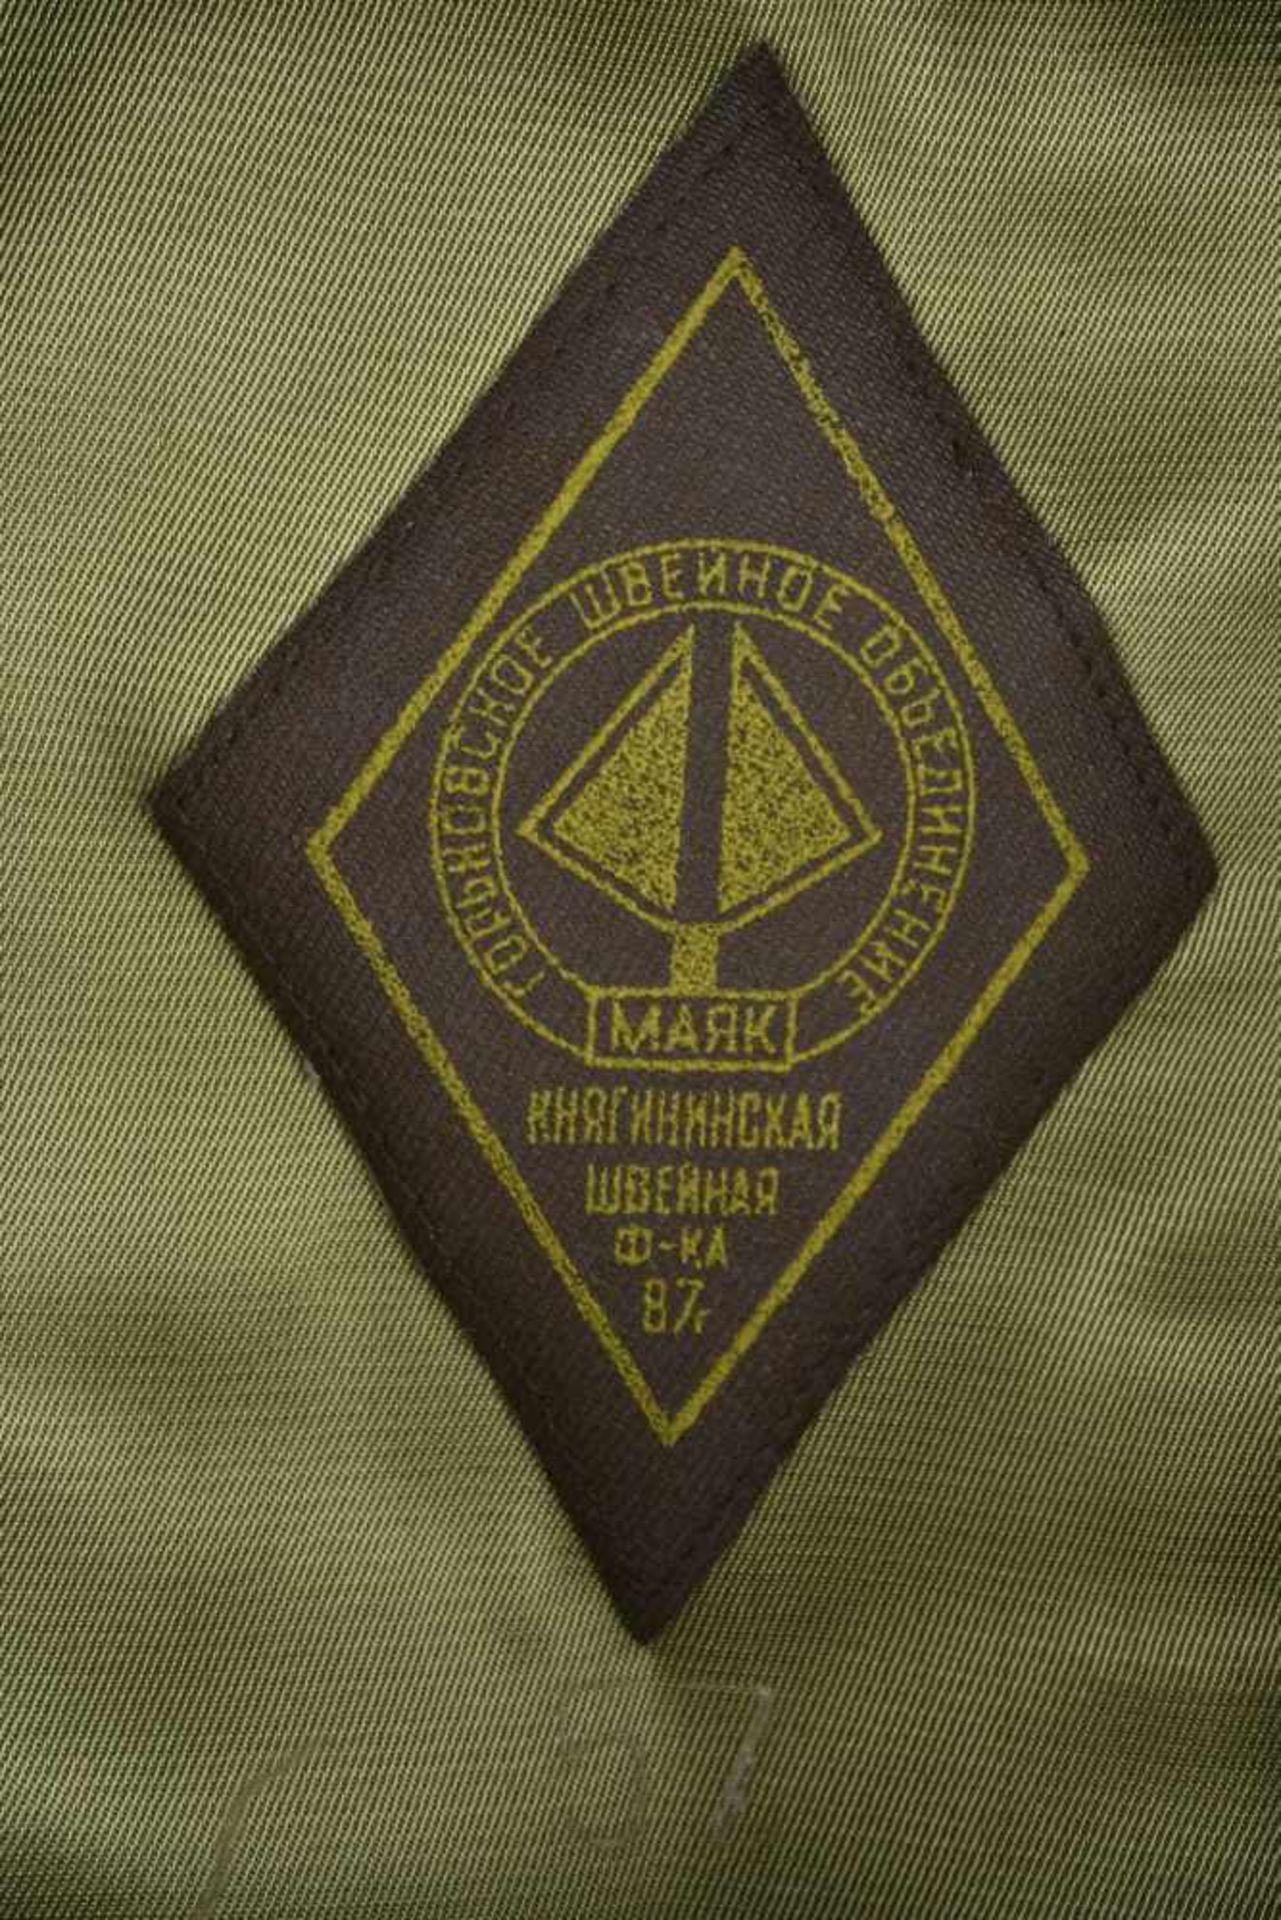 Casquette combat officier soviétique En tissu kaki, insigne métallique. Jugulaire complète. - Bild 4 aus 4